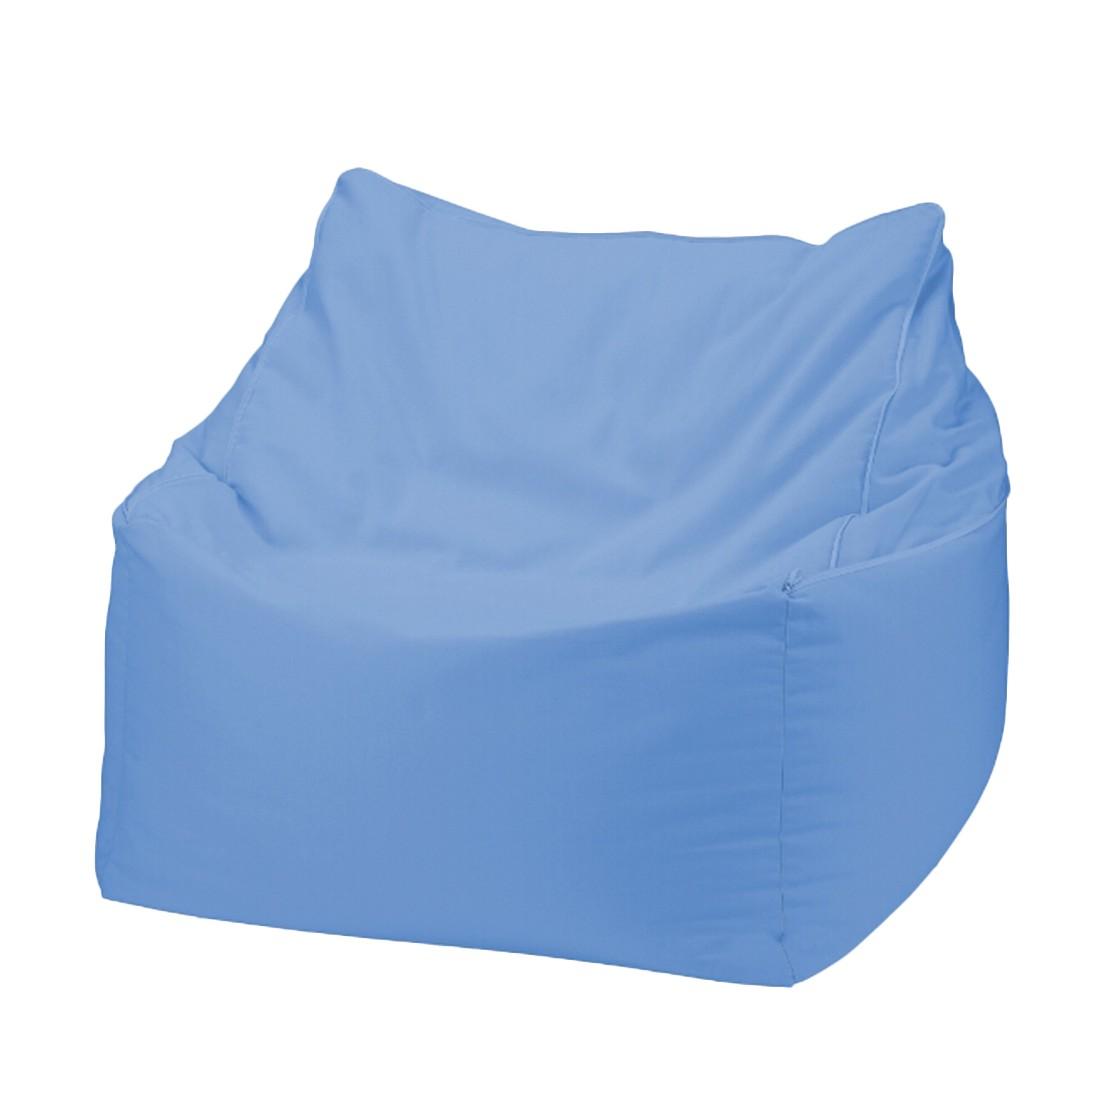 Sitzwürfel 2 in 1Baumwolle impräg. Blau – 50 x 50 cm, KC-Handel günstig online kaufen